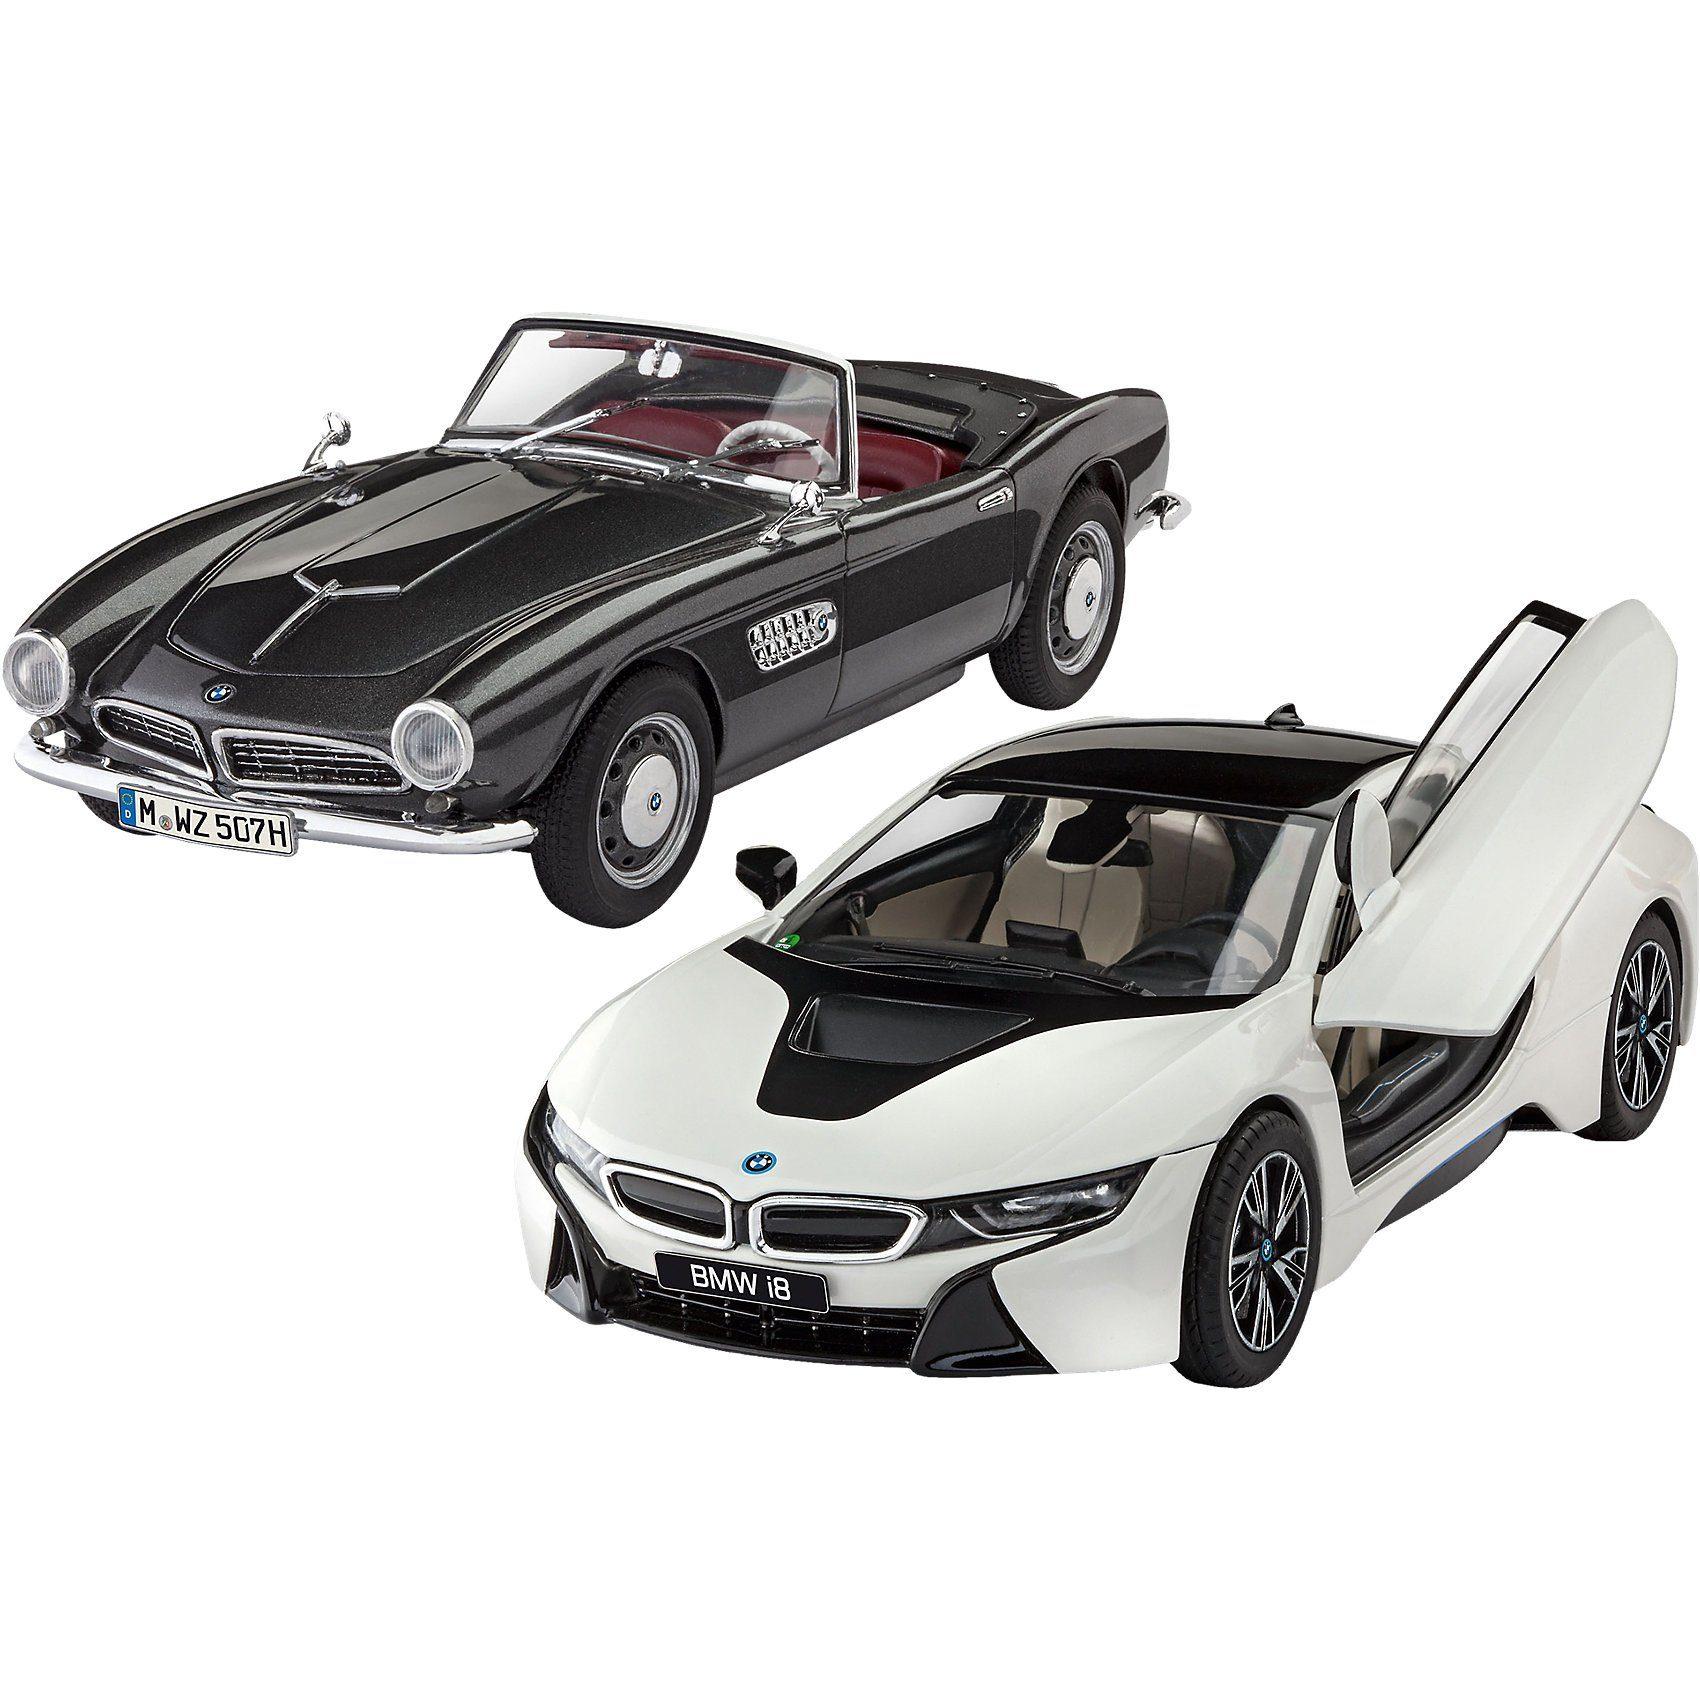 Revell® Modellbausatz Geschenkset 100 Jahre BMW